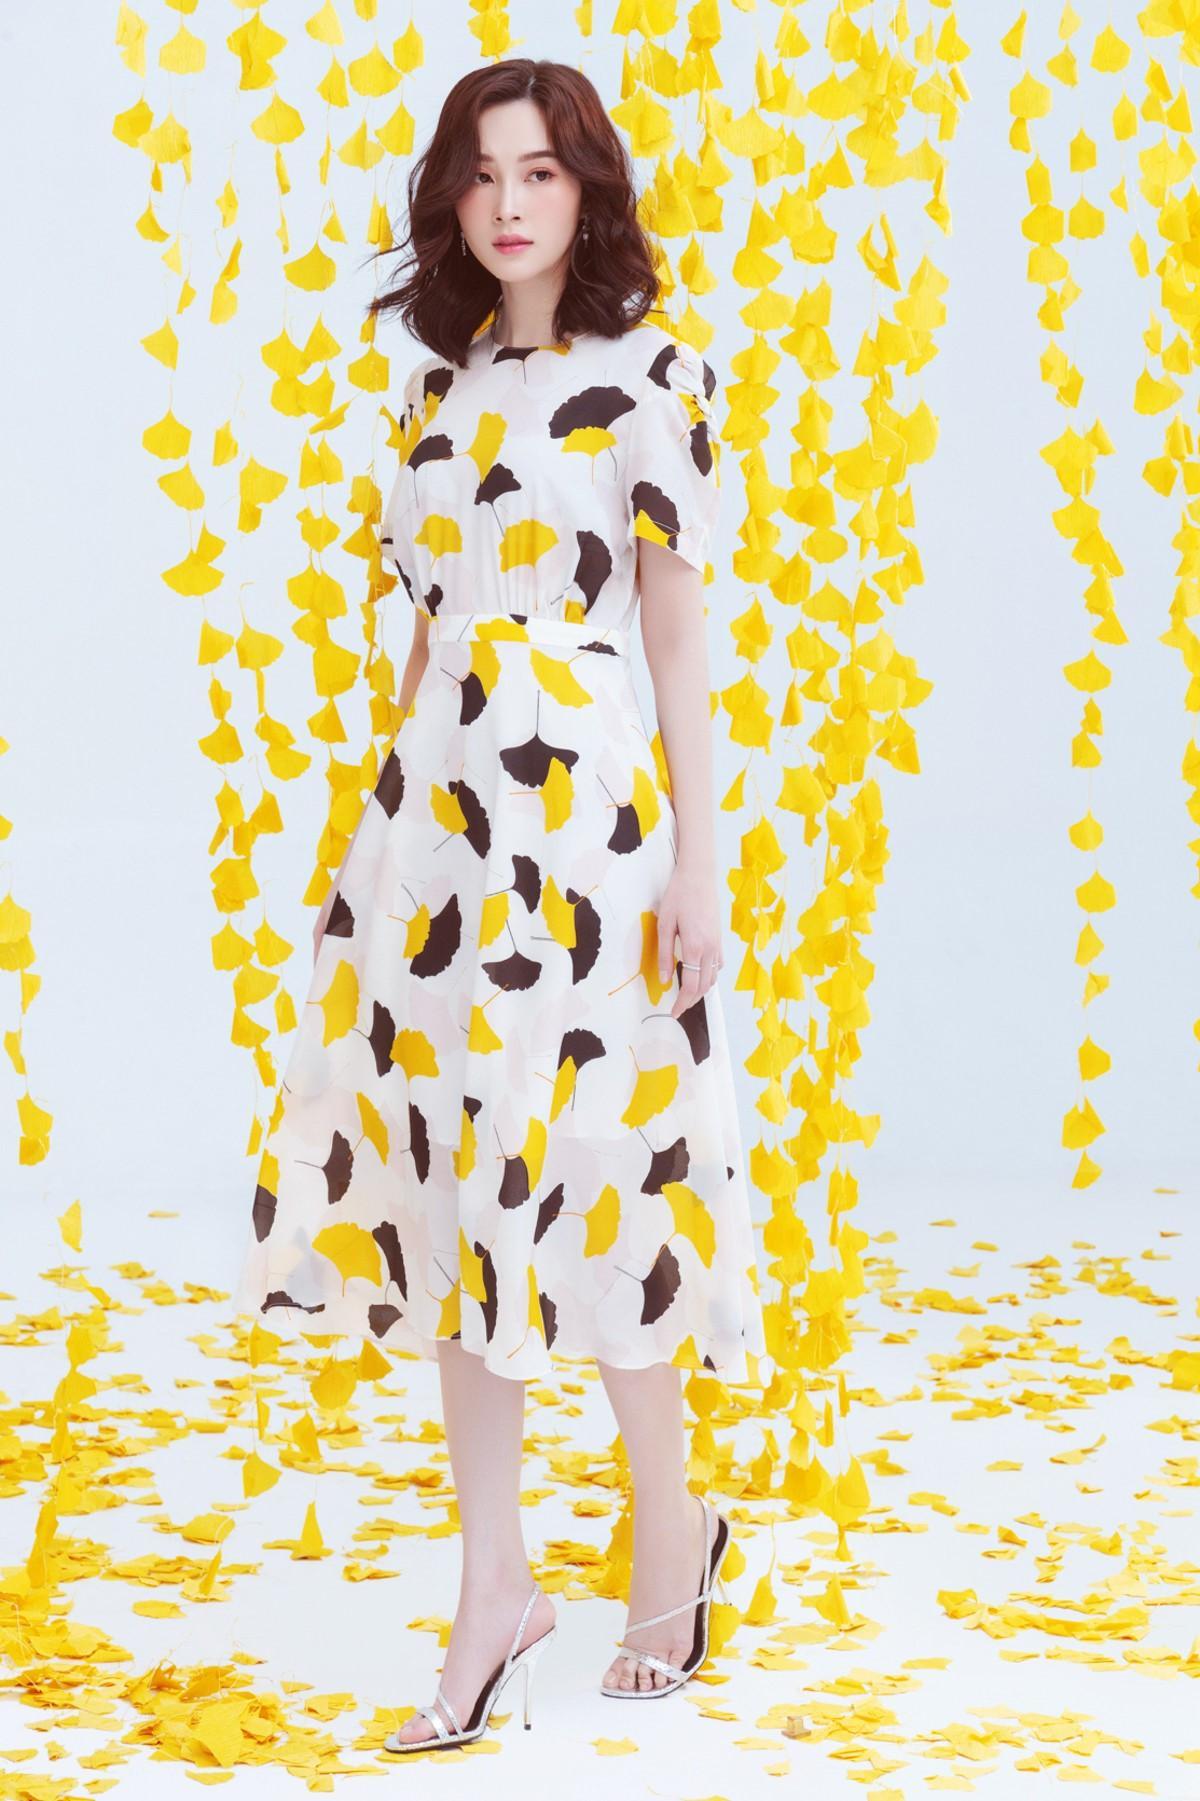 Nhan sắc của Hoa hậu Đặng Thu Thảo sau 7 năm đăng quang Ảnh 8